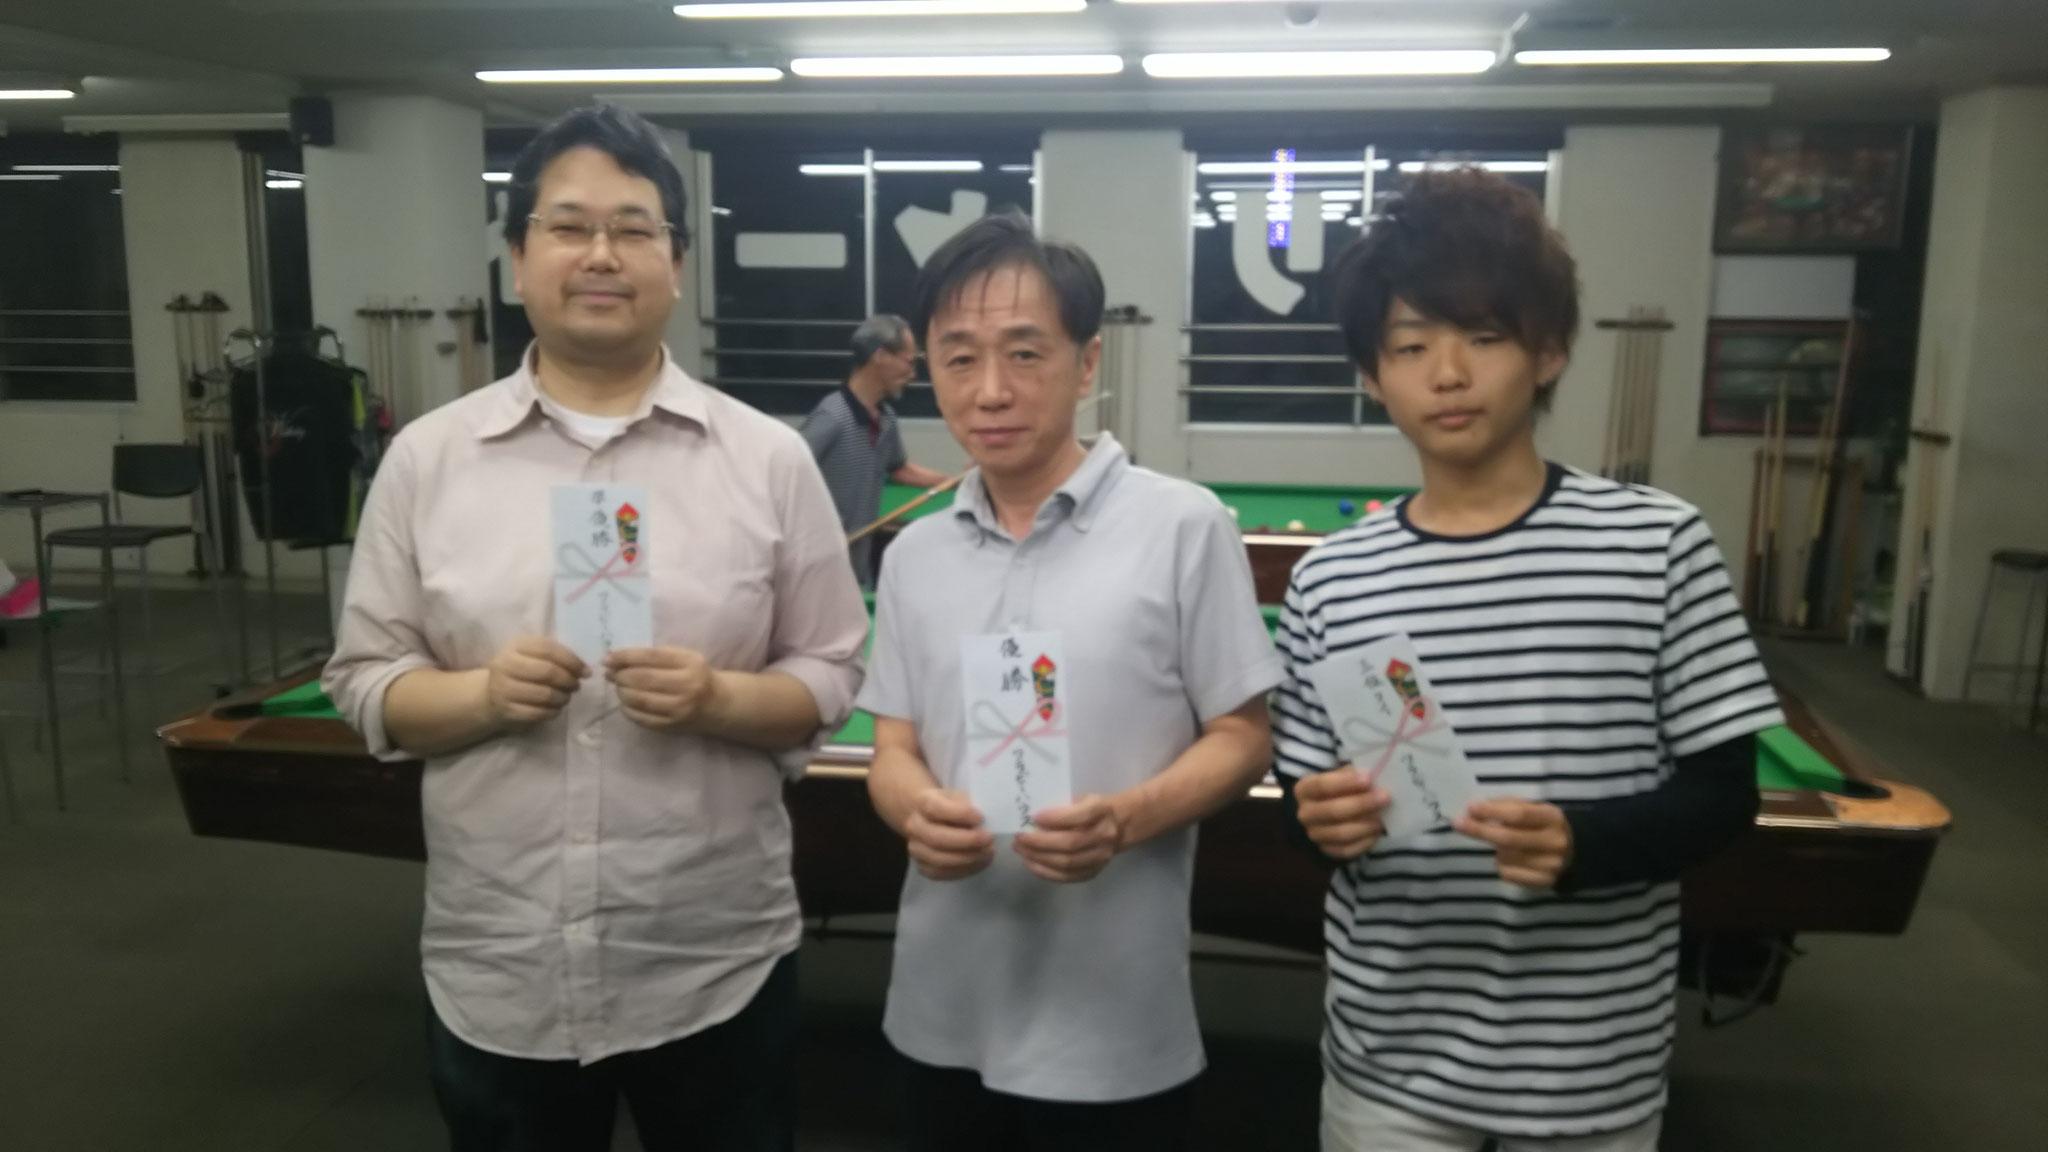 森本さん(準優勝) 立木さん(優勝) 吉岡晃くん(3位タイ)